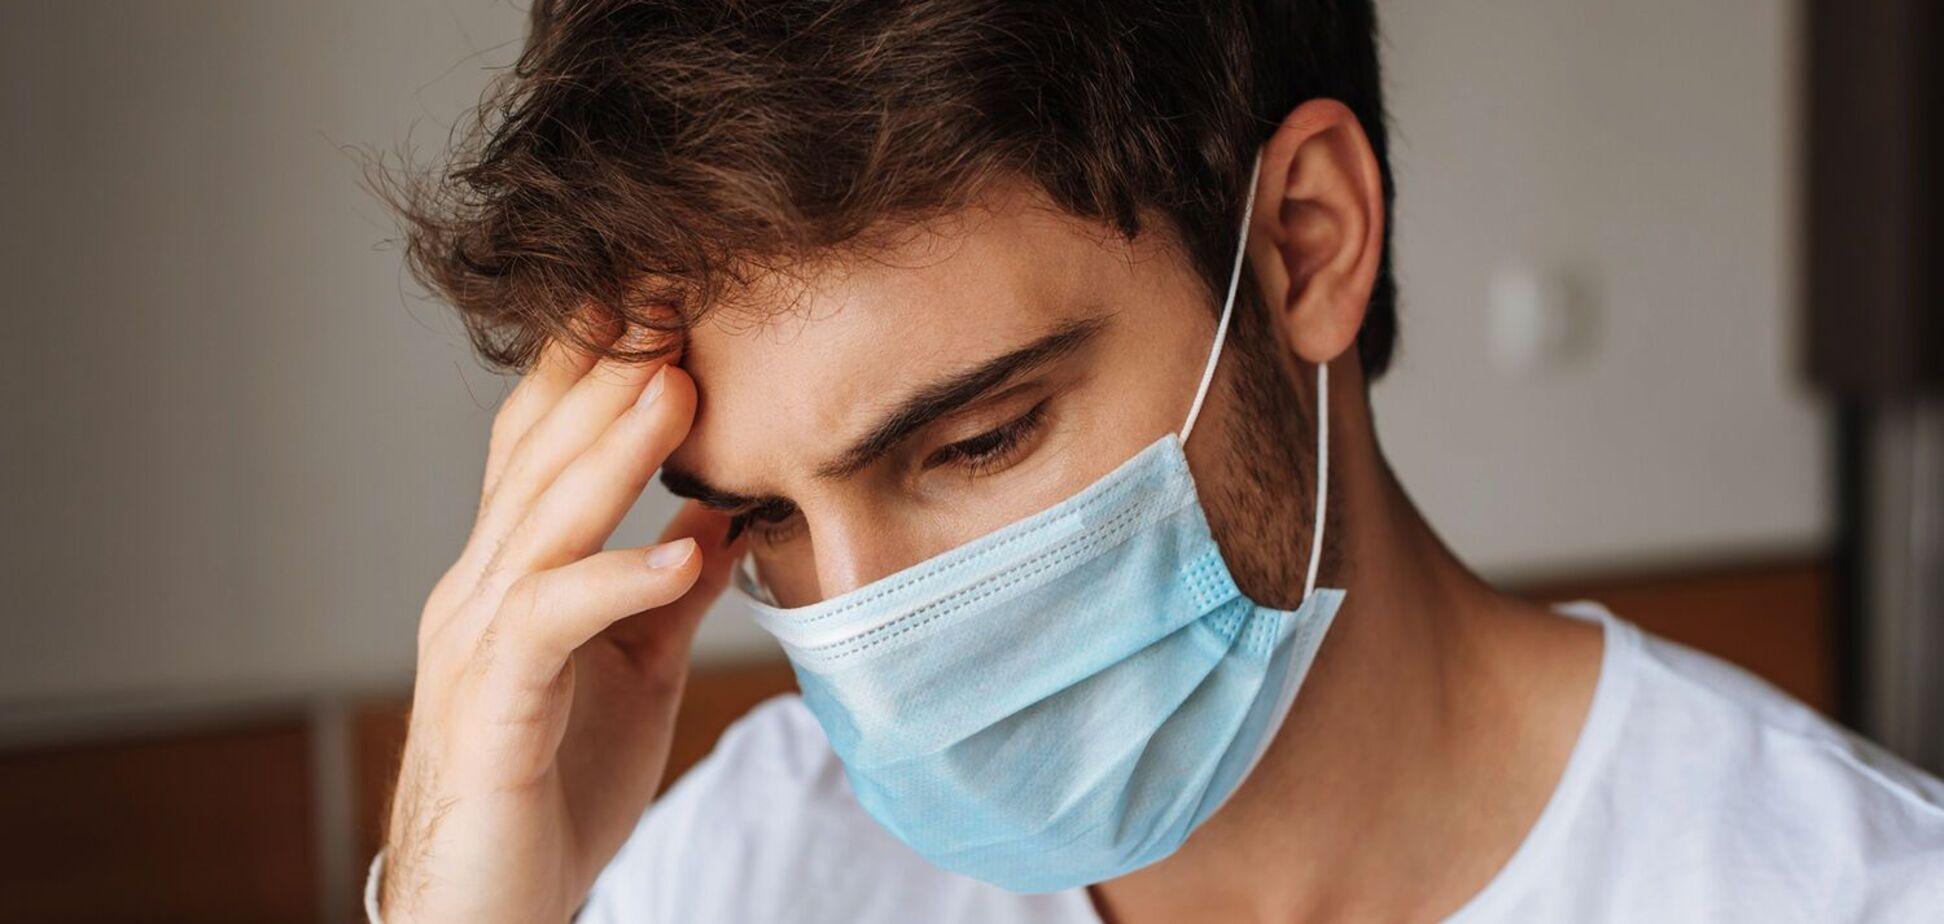 Как контролировать самочувствие после перенесенного COVID-19: советы врача